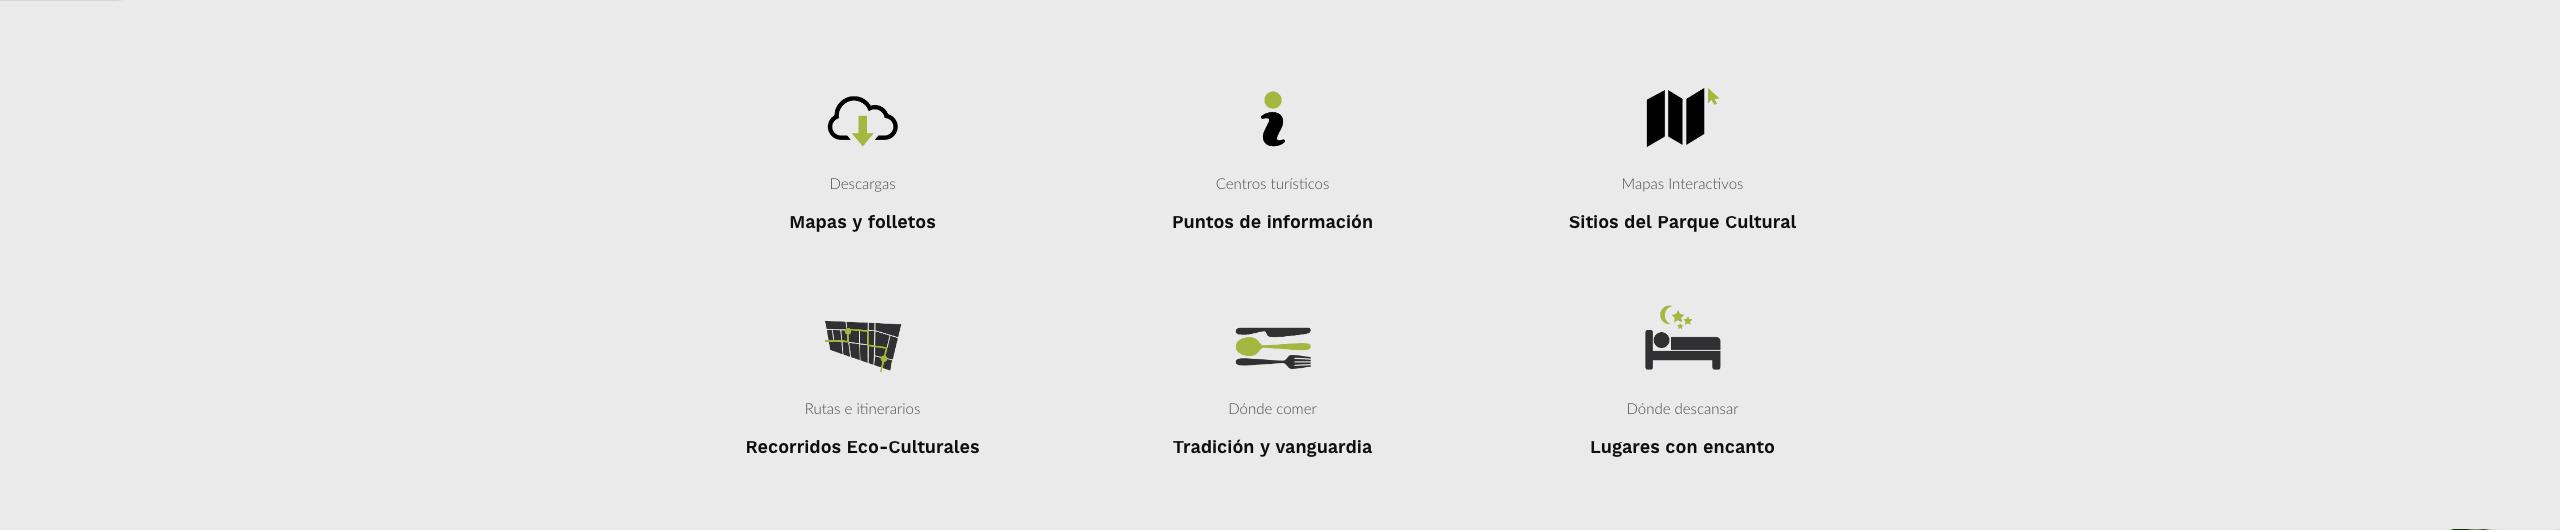 ejemplo de iconografia para web sierra de gata